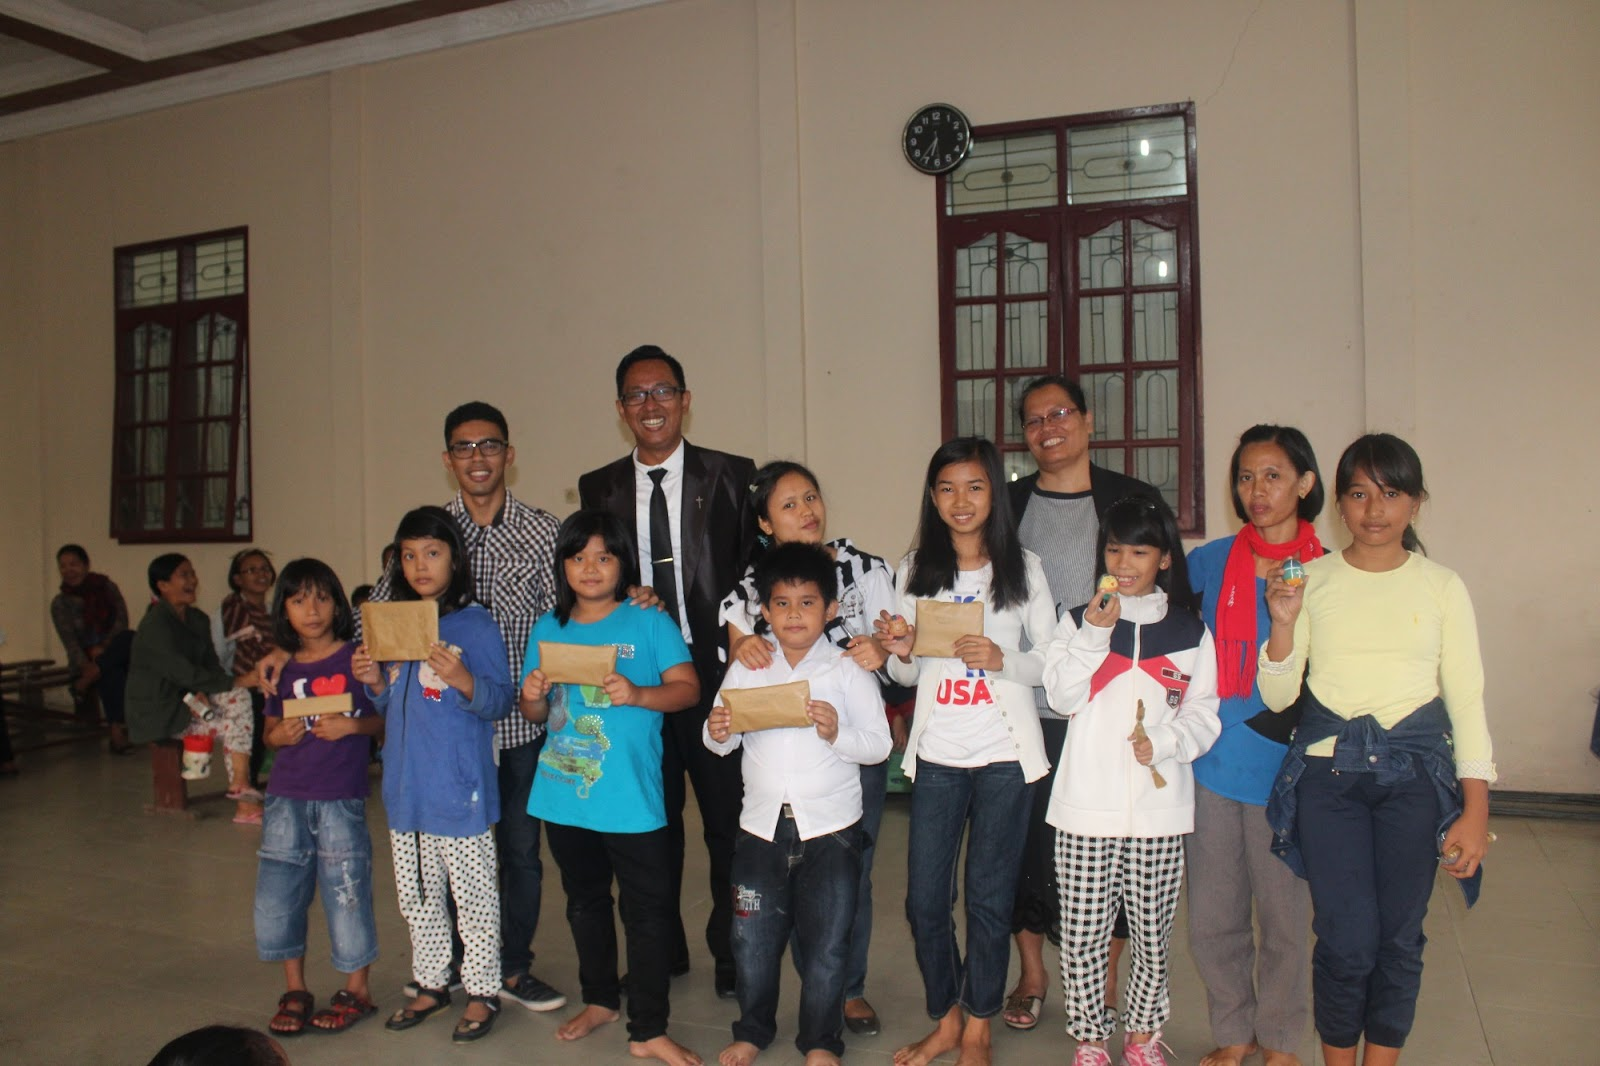 Ratusan Sekolah Minggu Hkbp Mahanaim Dapat Hadiah Paskah Lintas Publik